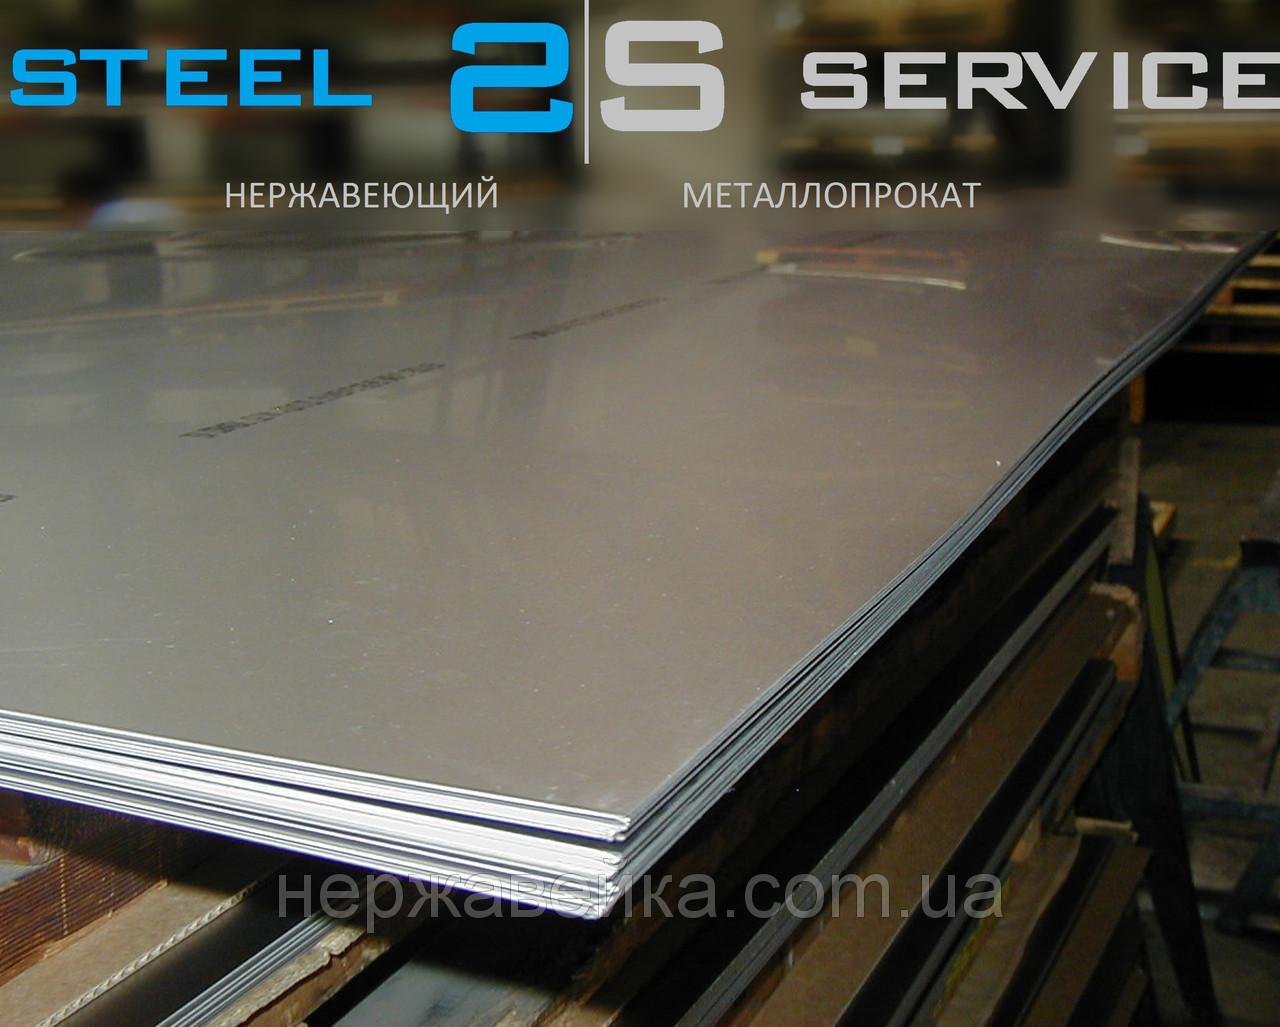 Нержавейка лист 0,4х1250х2500мм AISI 304(08Х18Н10) BA - зеркало, пищевой